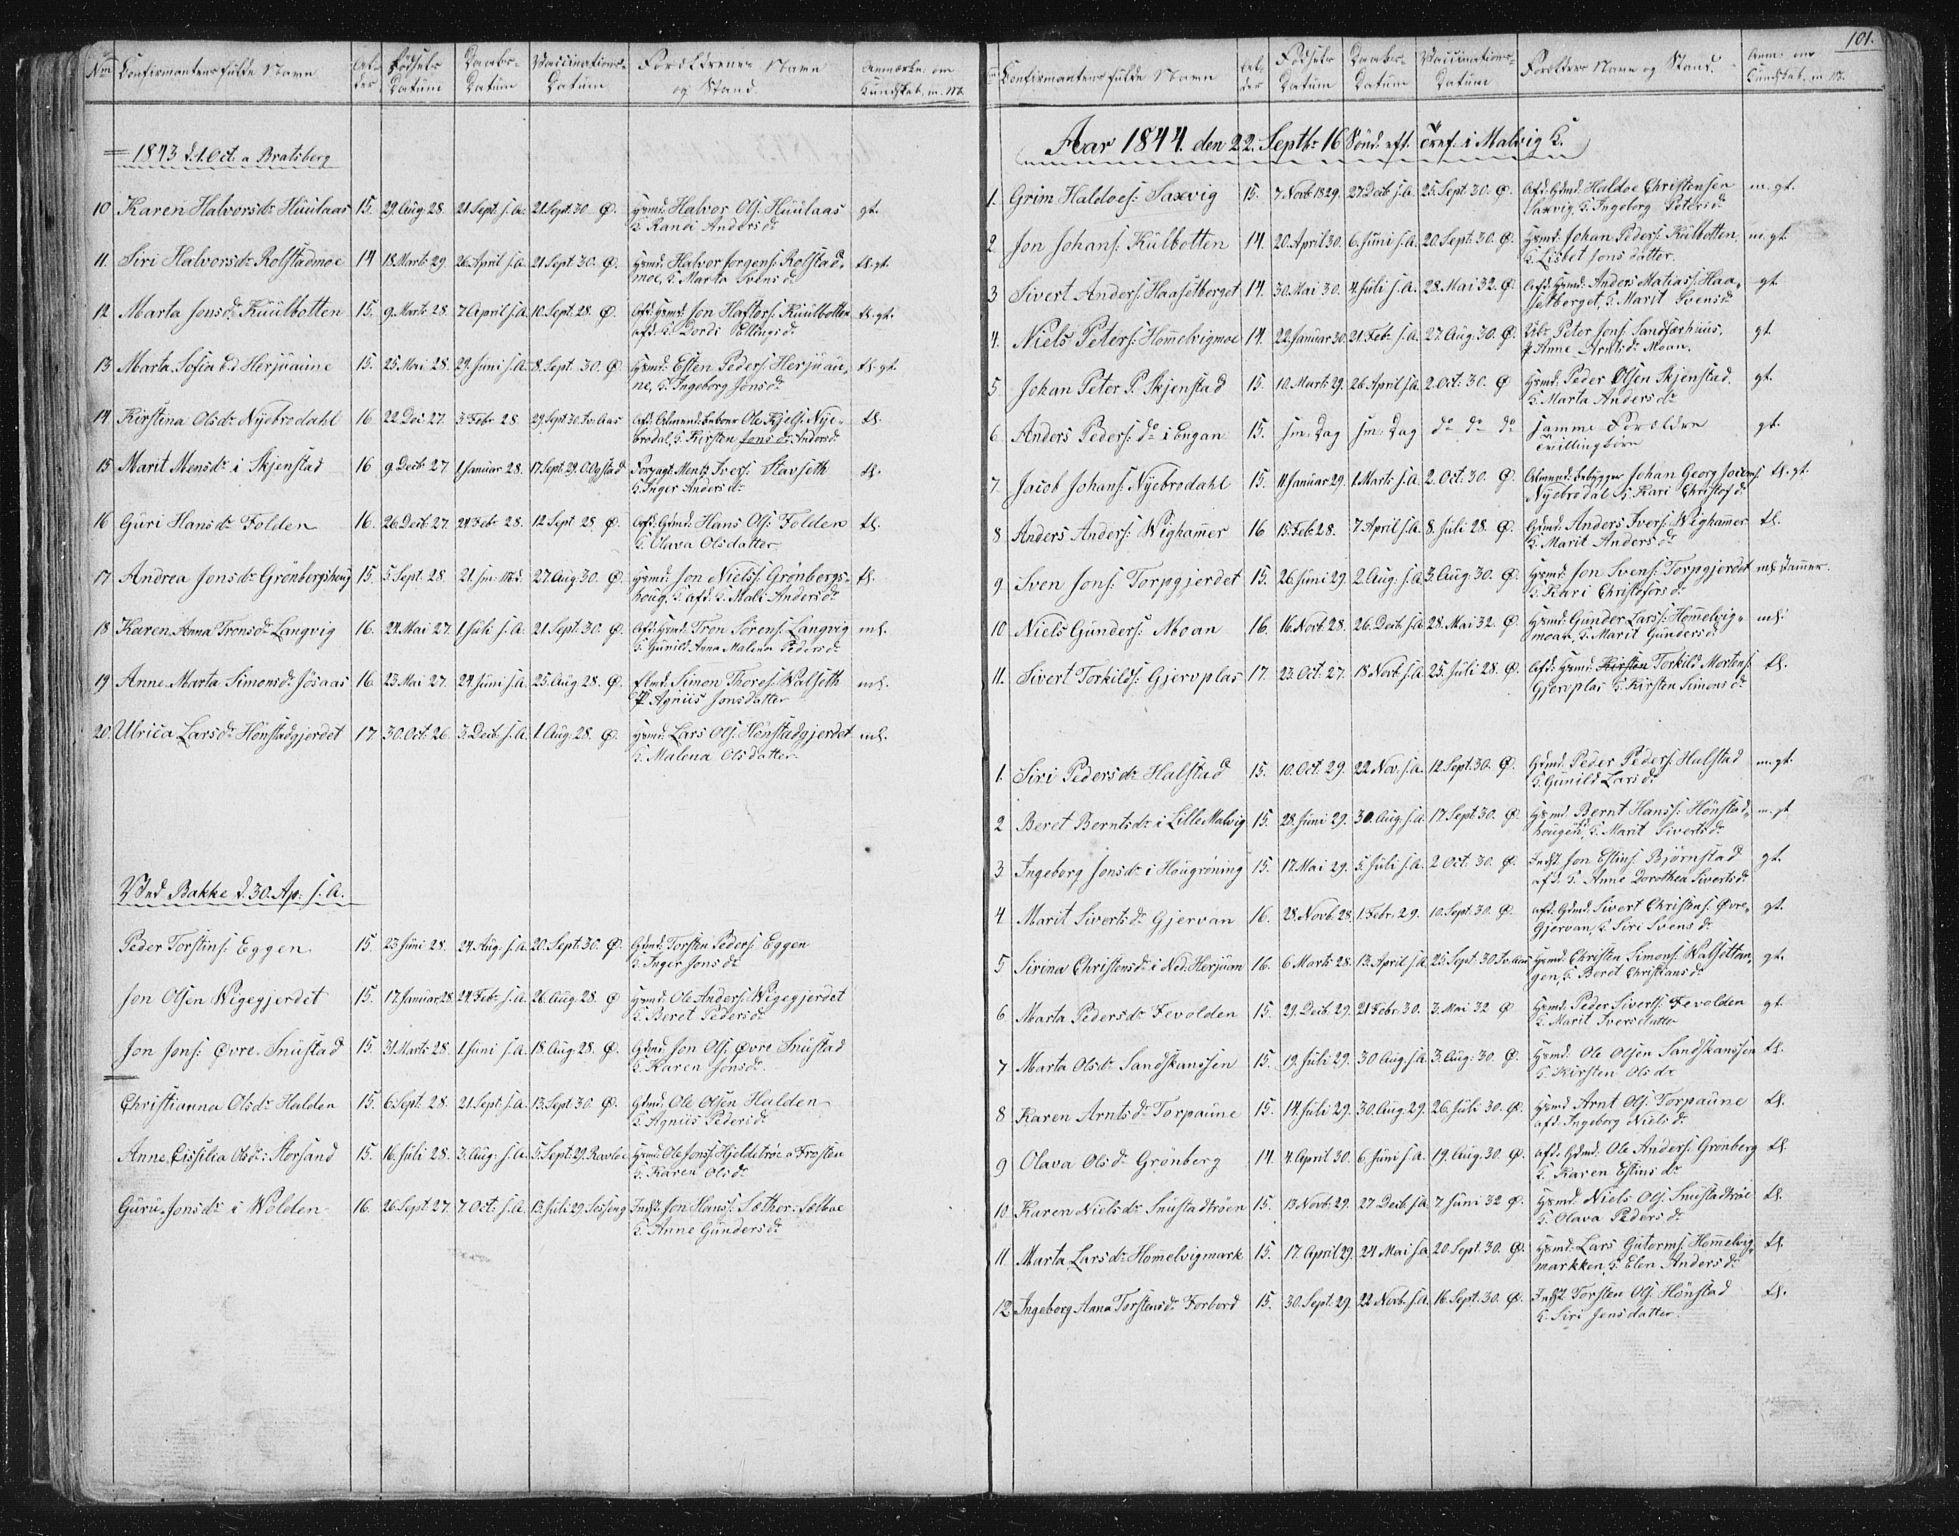 SAT, Ministerialprotokoller, klokkerbøker og fødselsregistre - Sør-Trøndelag, 616/L0406: Ministerialbok nr. 616A03, 1843-1879, s. 101